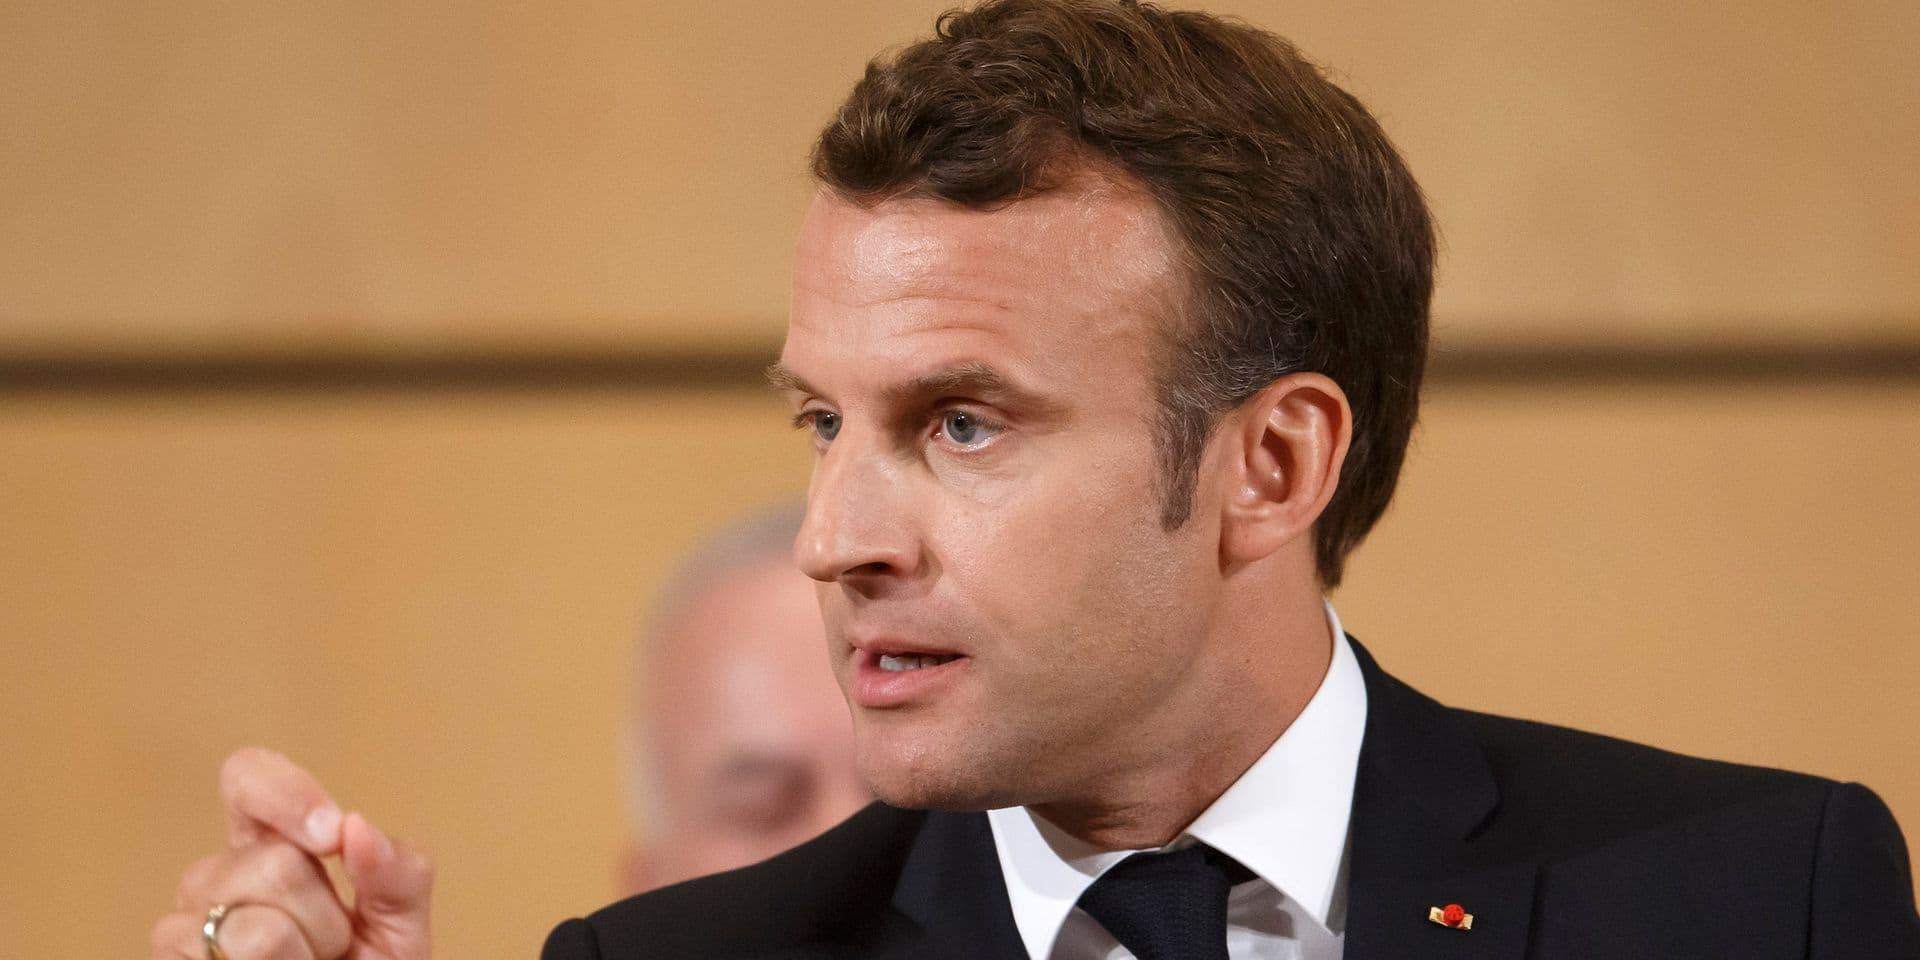 Cette erreur qu'Emmanuel Macron a reconnu avoir commise au cours de son mandat